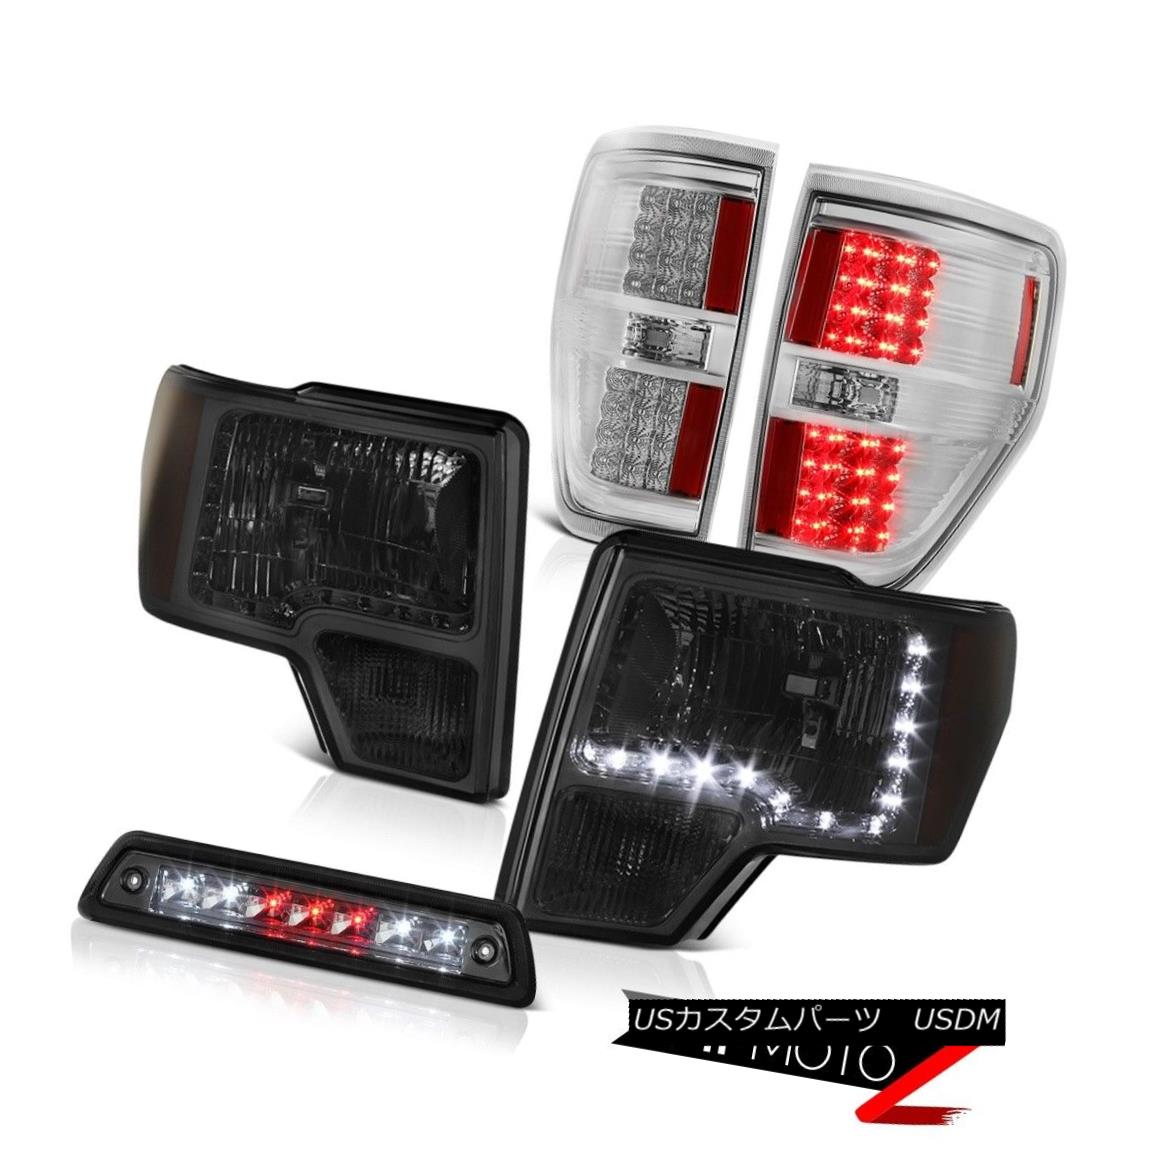 ヘッドライト 09-14 FORD F150 3.5L Roof brake lamp taillamps headlights led drl SMD OE Style 09-14フォードF150 3.5Lルーフブレーキランプテールライトヘッドライトled drl SMD OEスタイル